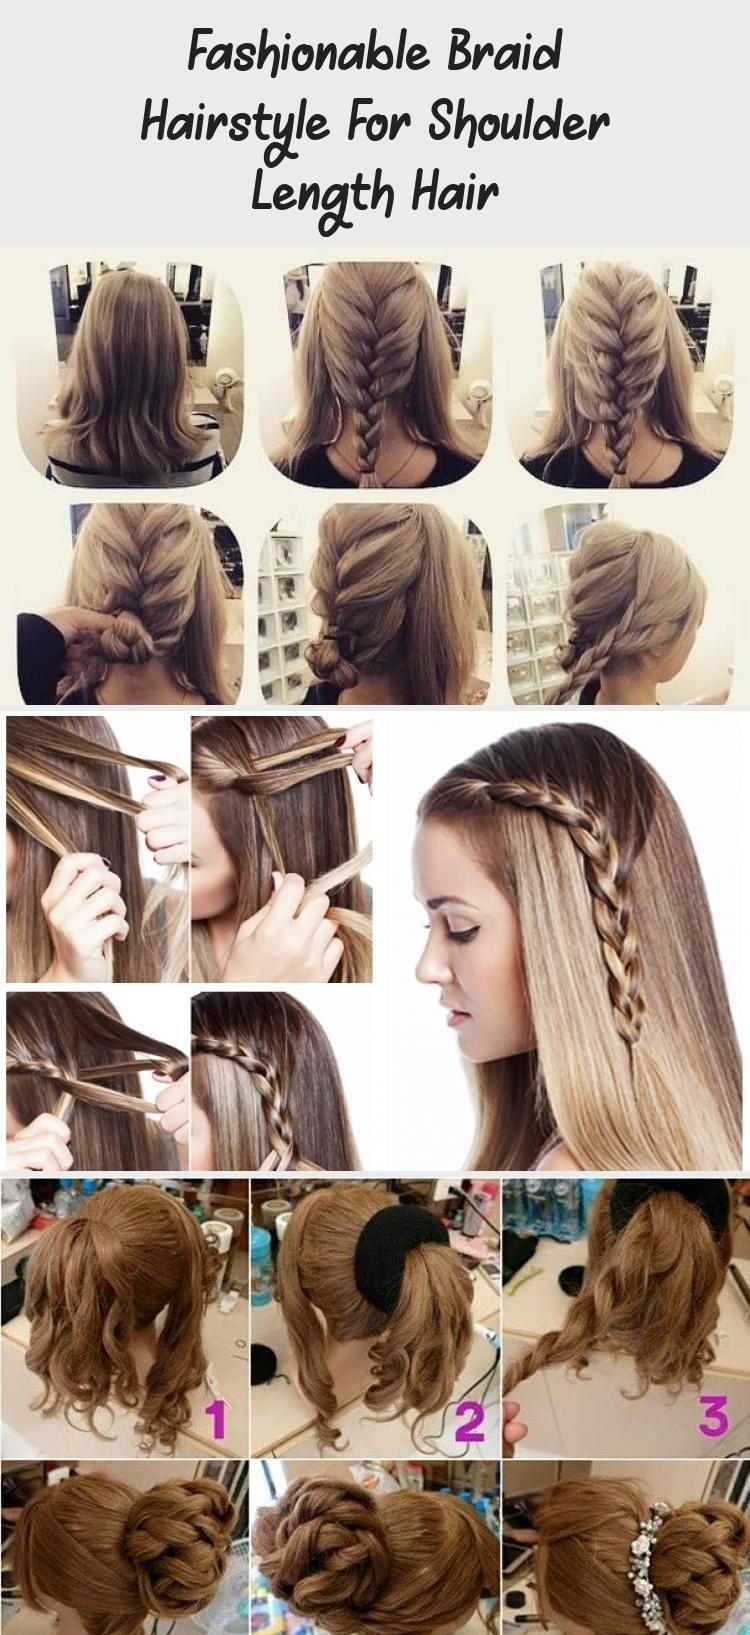 Fashionable Braid Hairstyle For Shoulder Length Hair Hairtutorialtiktok Promhairtutorial Hairtutorialsk In 2020 Braided Hairstyles Hair Lengths Shoulder Length Hair